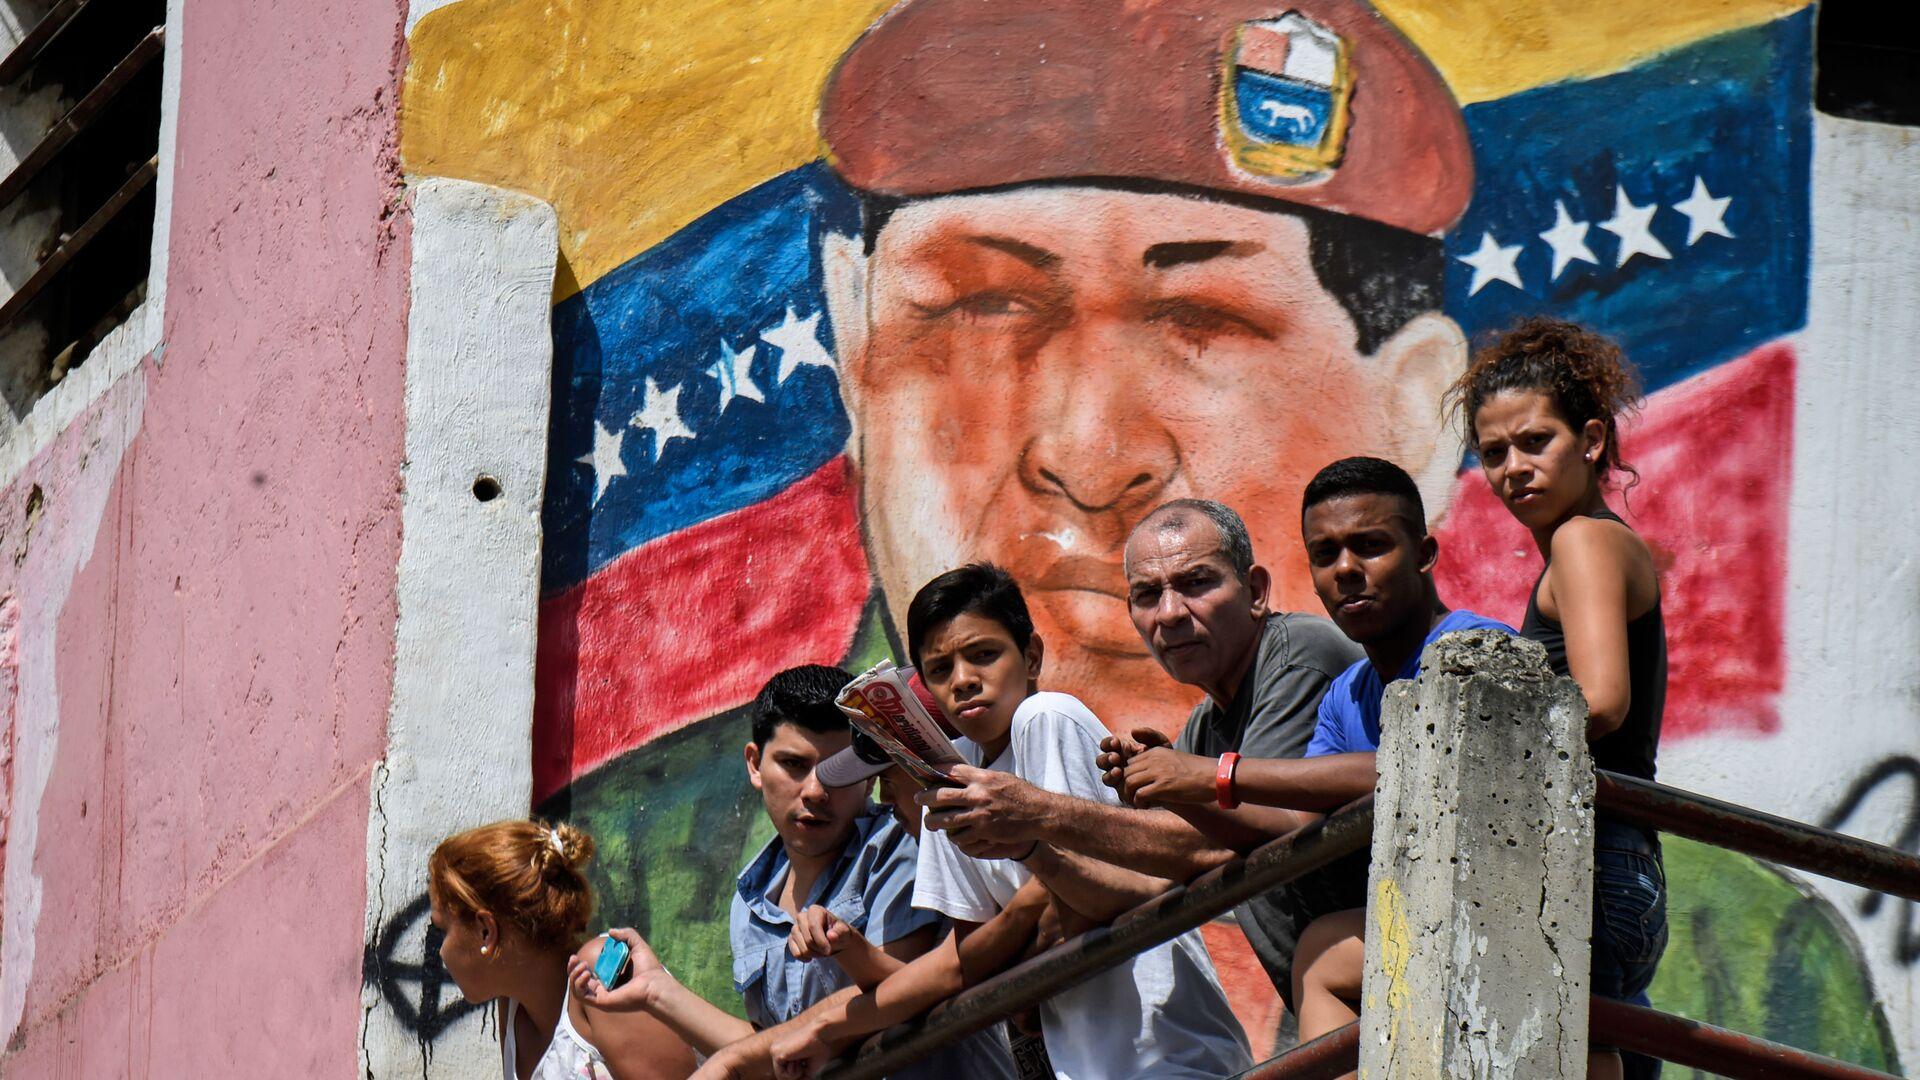 Граффити с изображением бывшего президента Венесуэла Уго Чавеса в Каракасе  - Sputnik Mundo, 1920, 18.09.2021